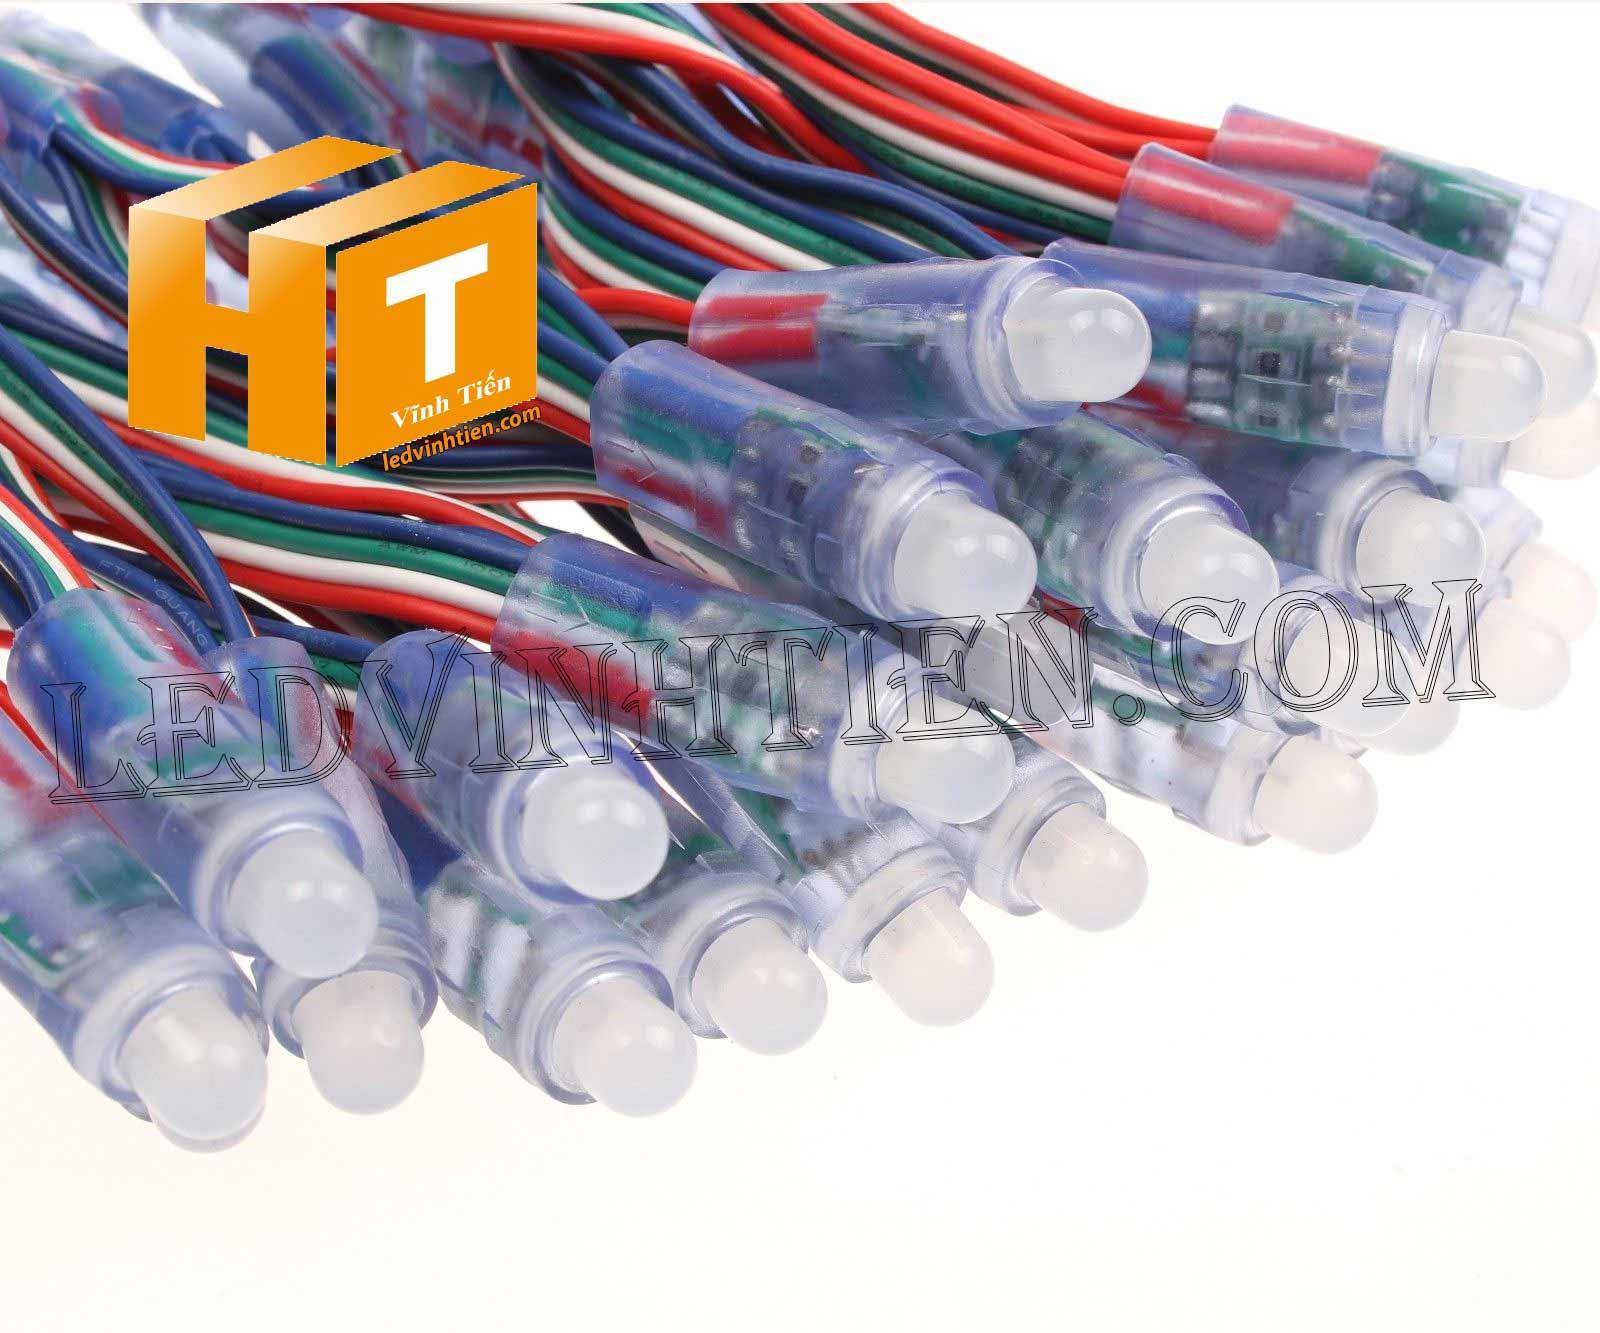 Led đúc full color IC1903 loại tốt, giá rẻ, siêu sáng, dùng làm pháo hoa, chử nỗi, trang trí noel, bảng quảng cáo, chiếu sáng ngoài trời, IP68, ledvinhtien.com